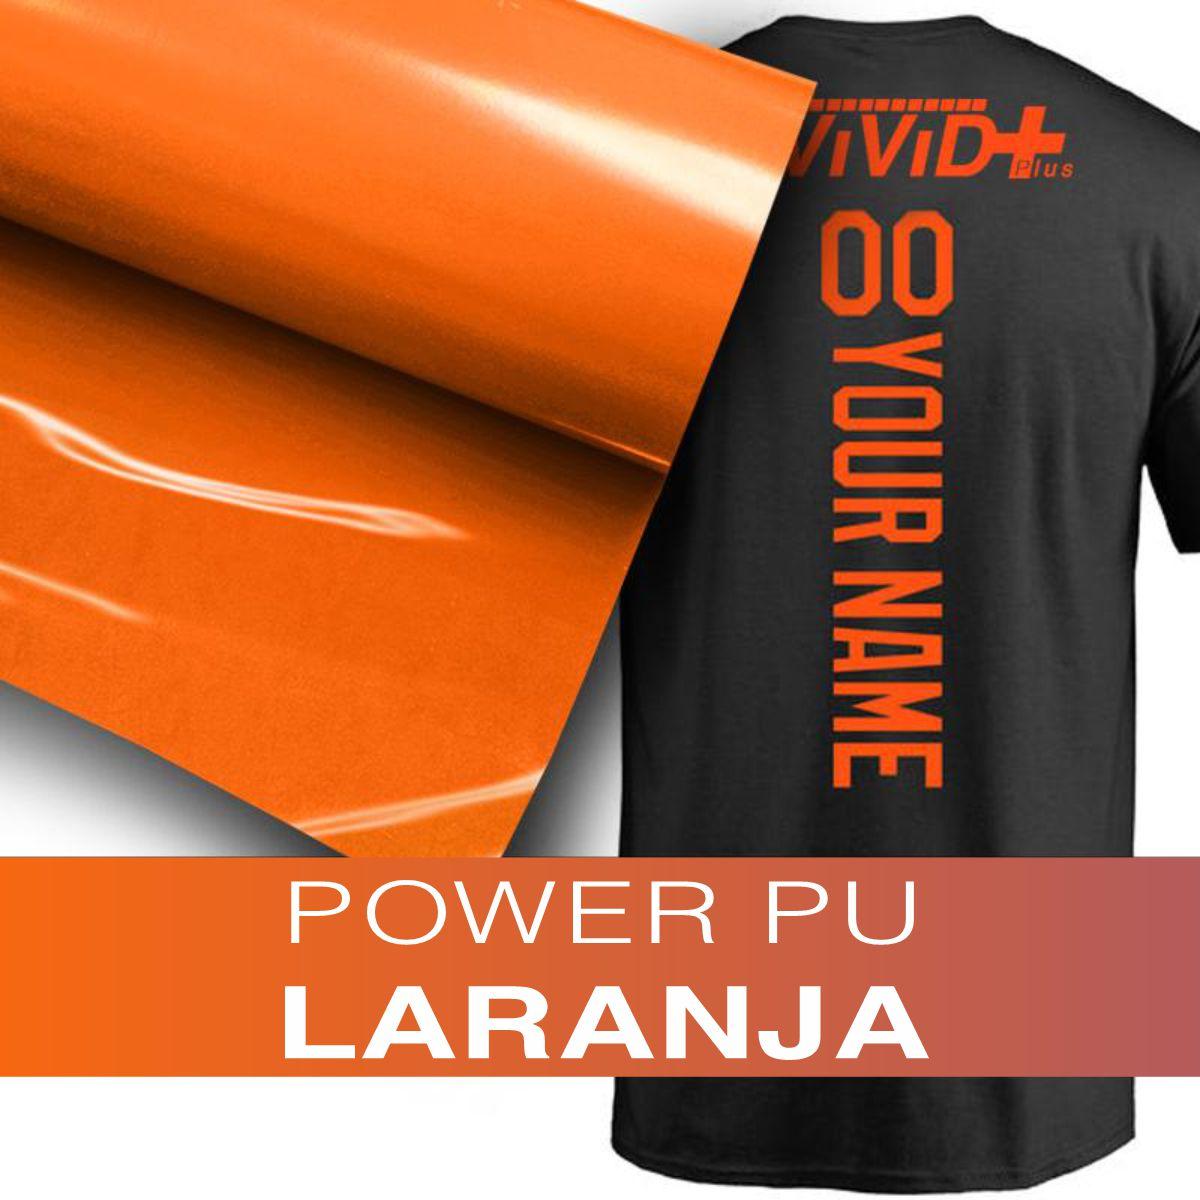 Power PU - Termocolante Recortável - Laranja - 60 cm